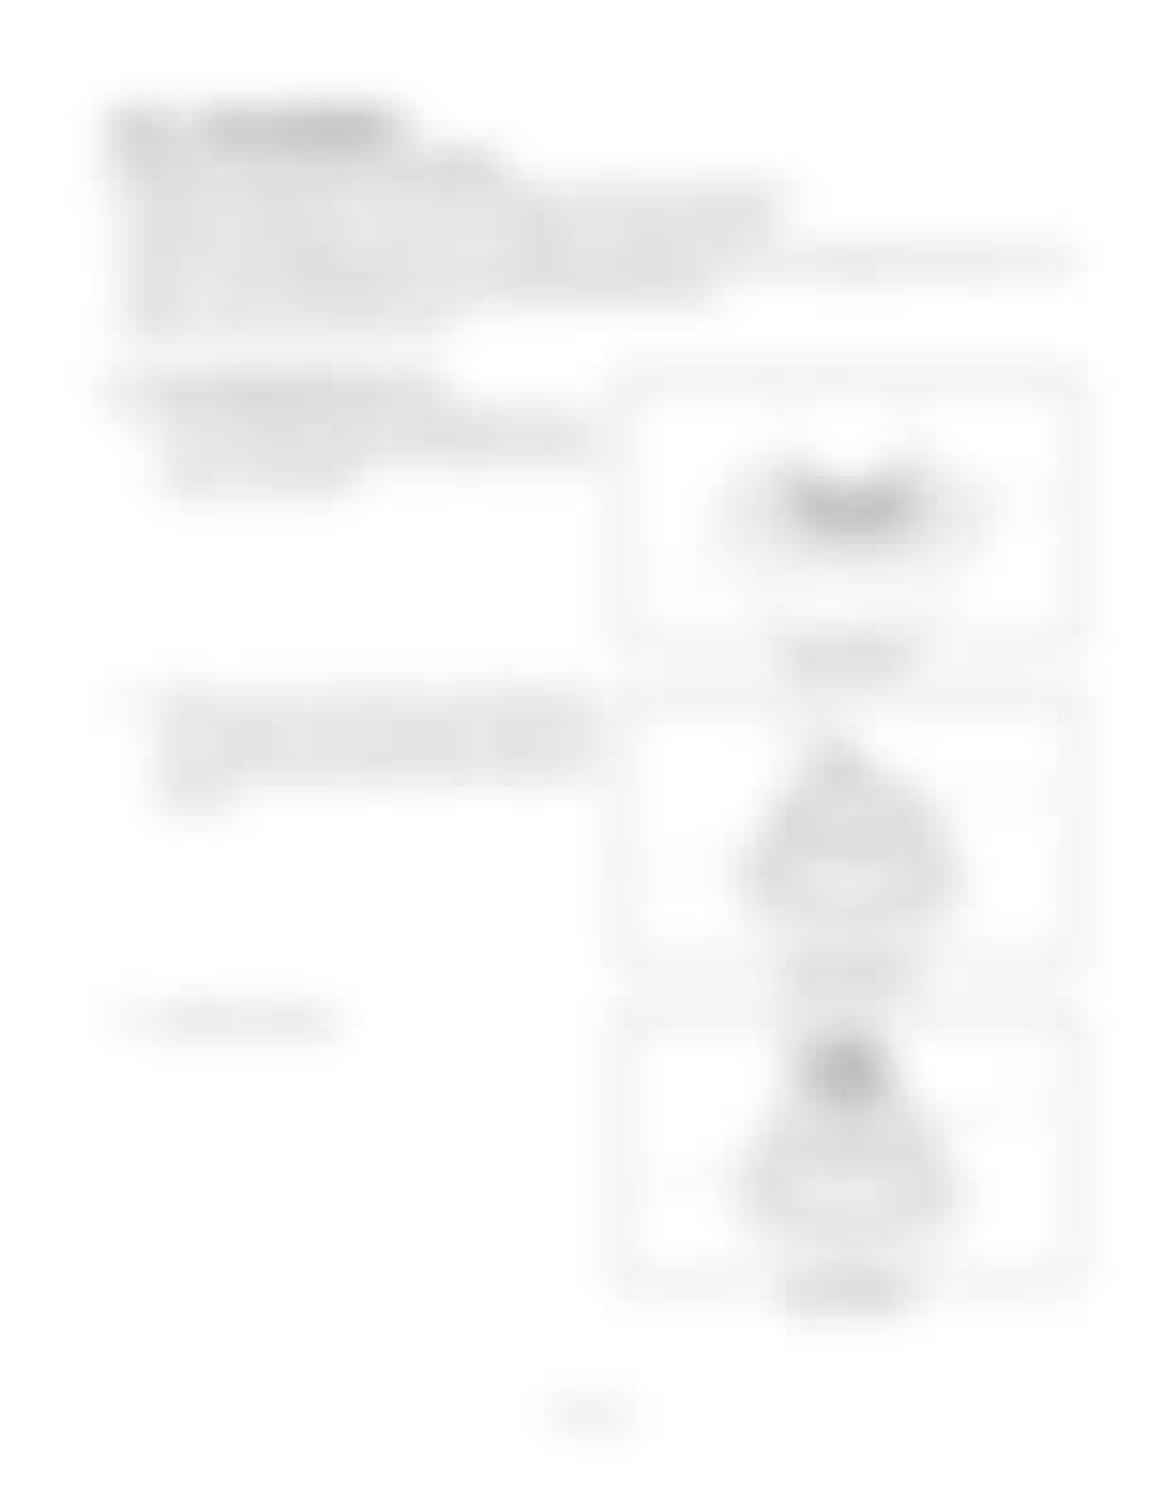 Hitachi LX110-7 LX130-7 LX160-7 LX190-7 LX230-7 Wheel Loader Workshop Manual - PDF DOWNLOAD page 231